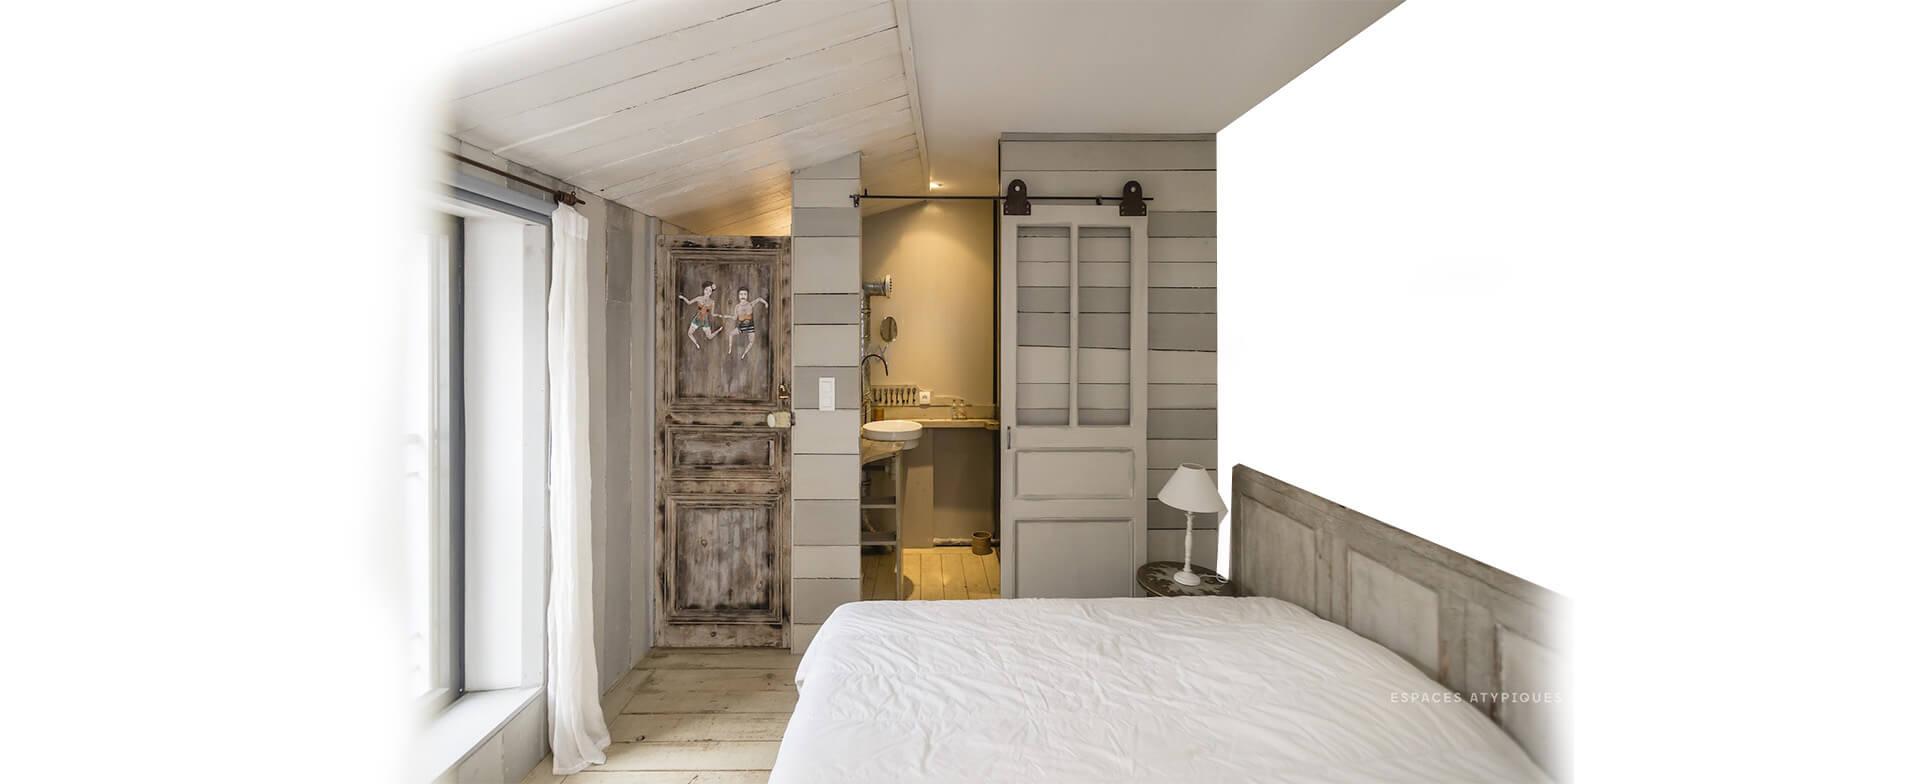 Architecte Interieur Paris 18 accueil • frédéric tabary designer